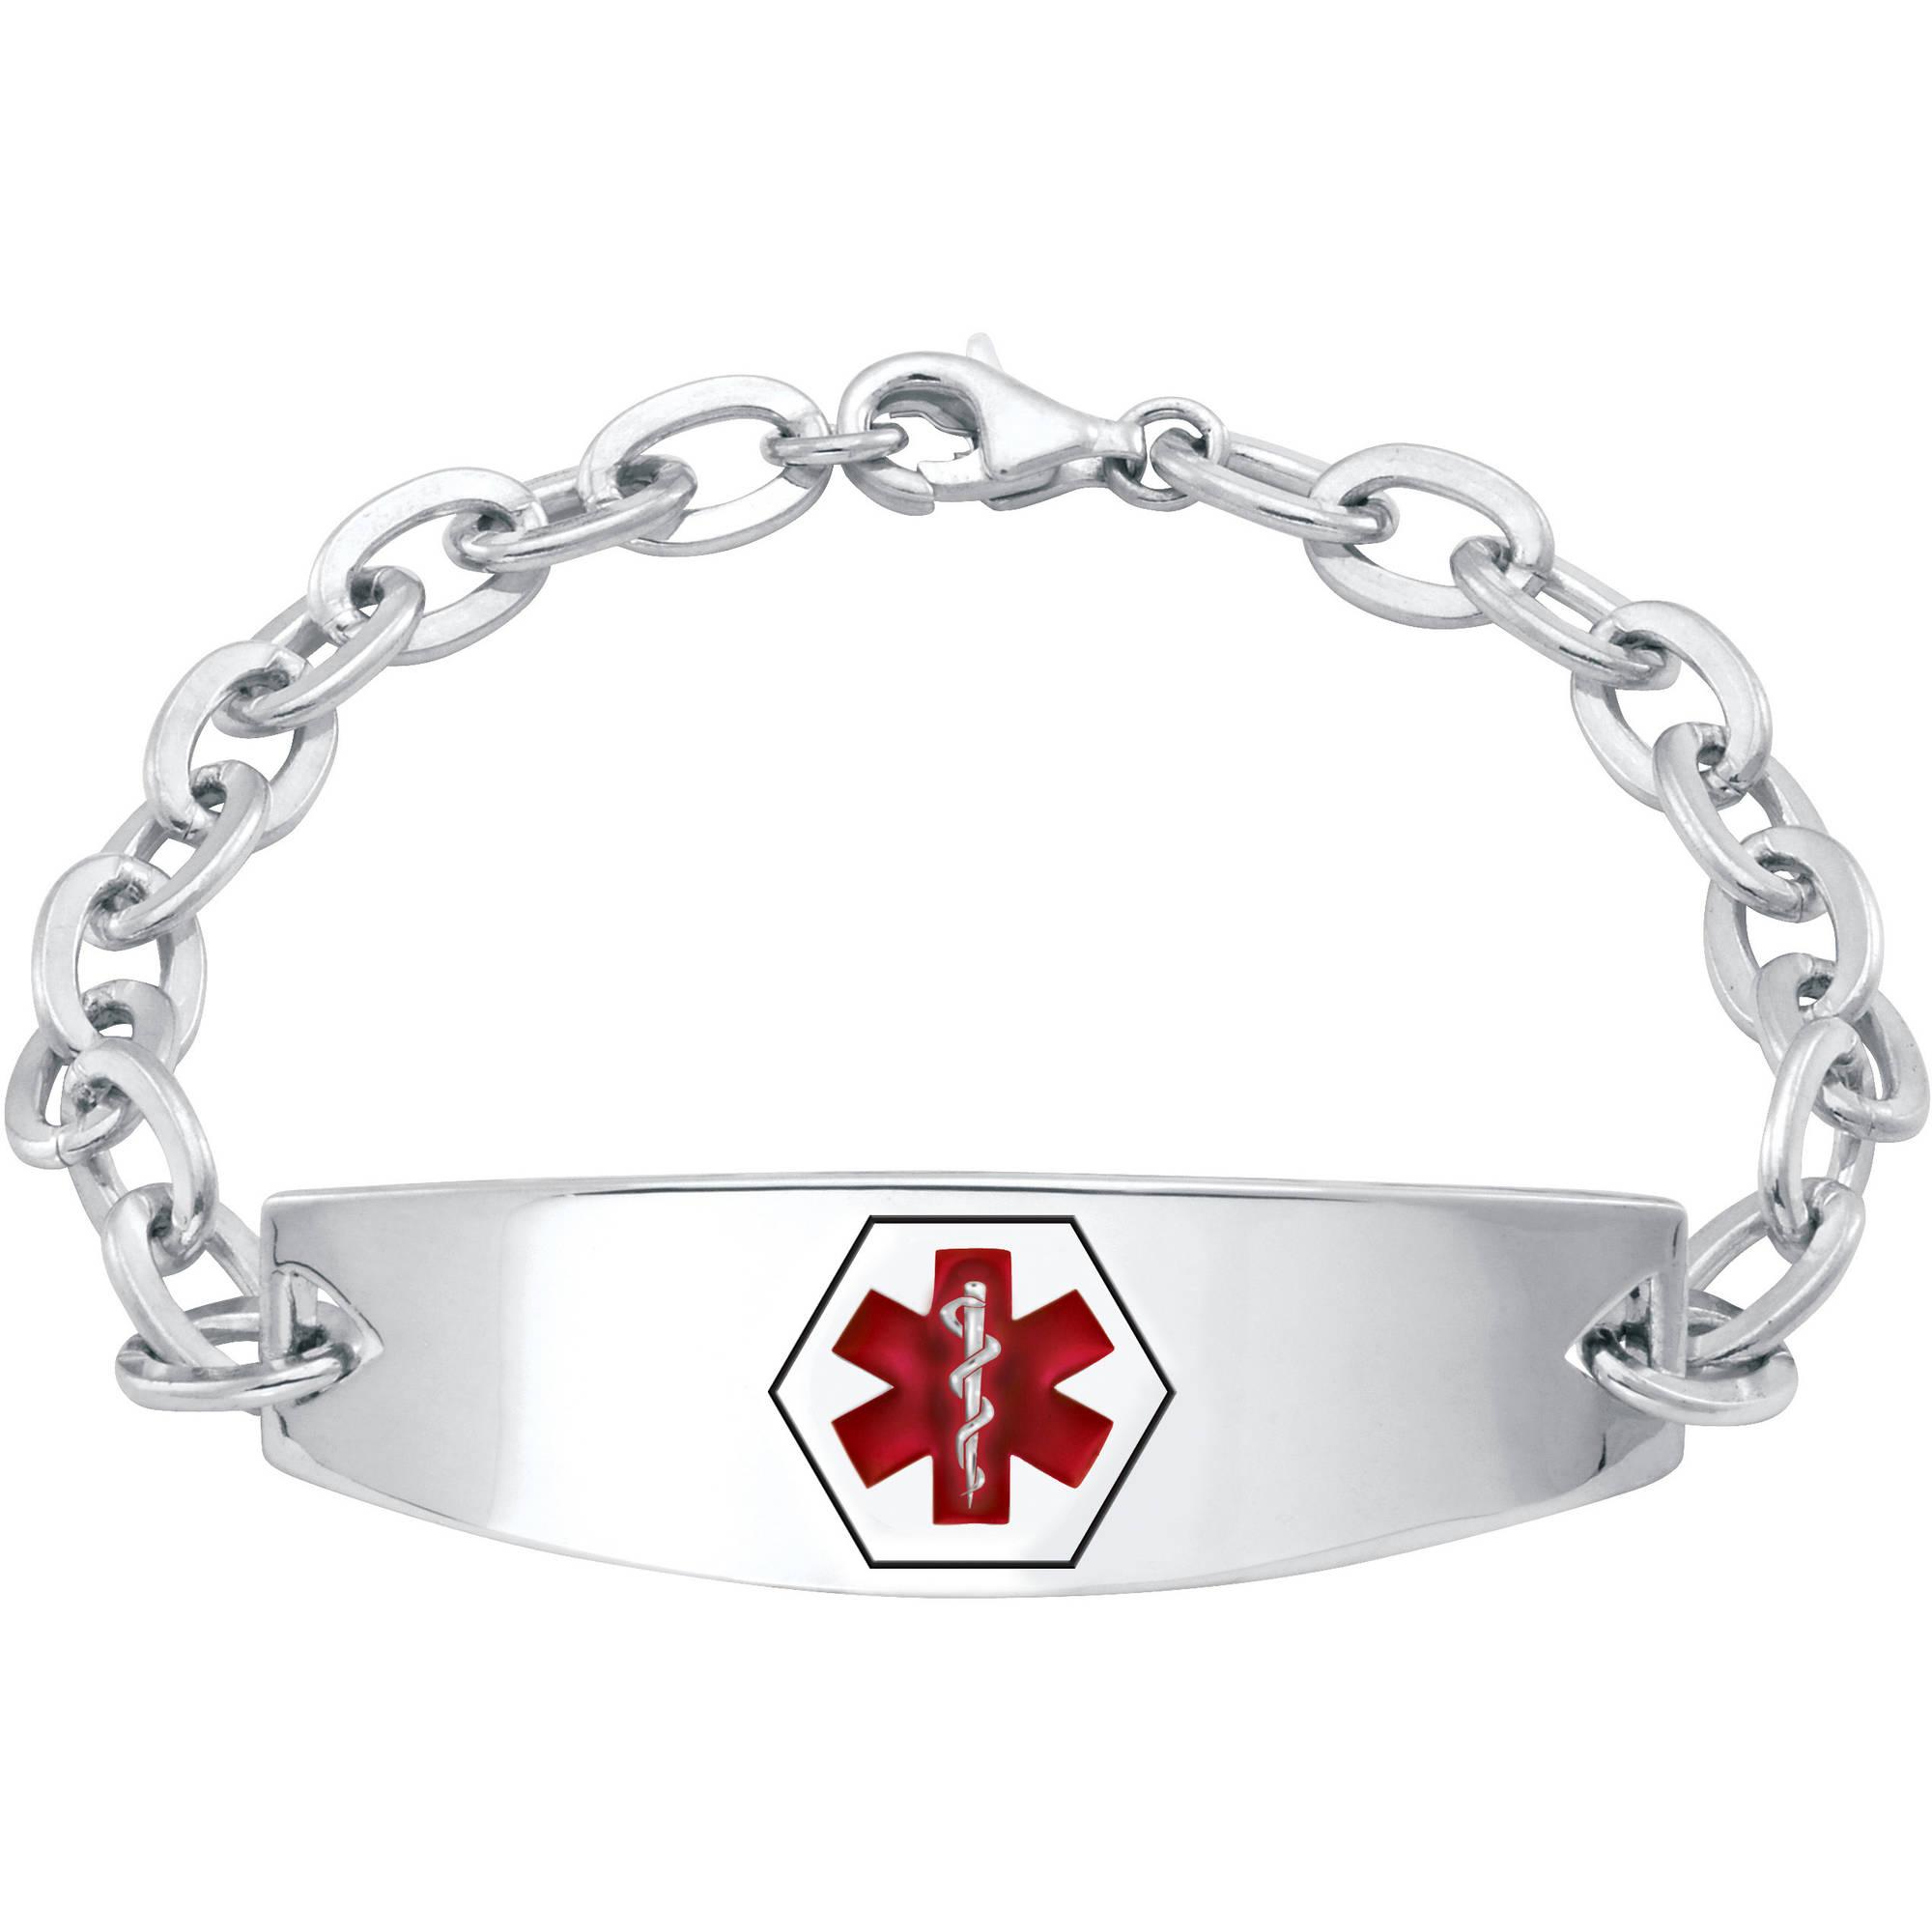 Personalized Keepsake Women's Medical ID Bracelet